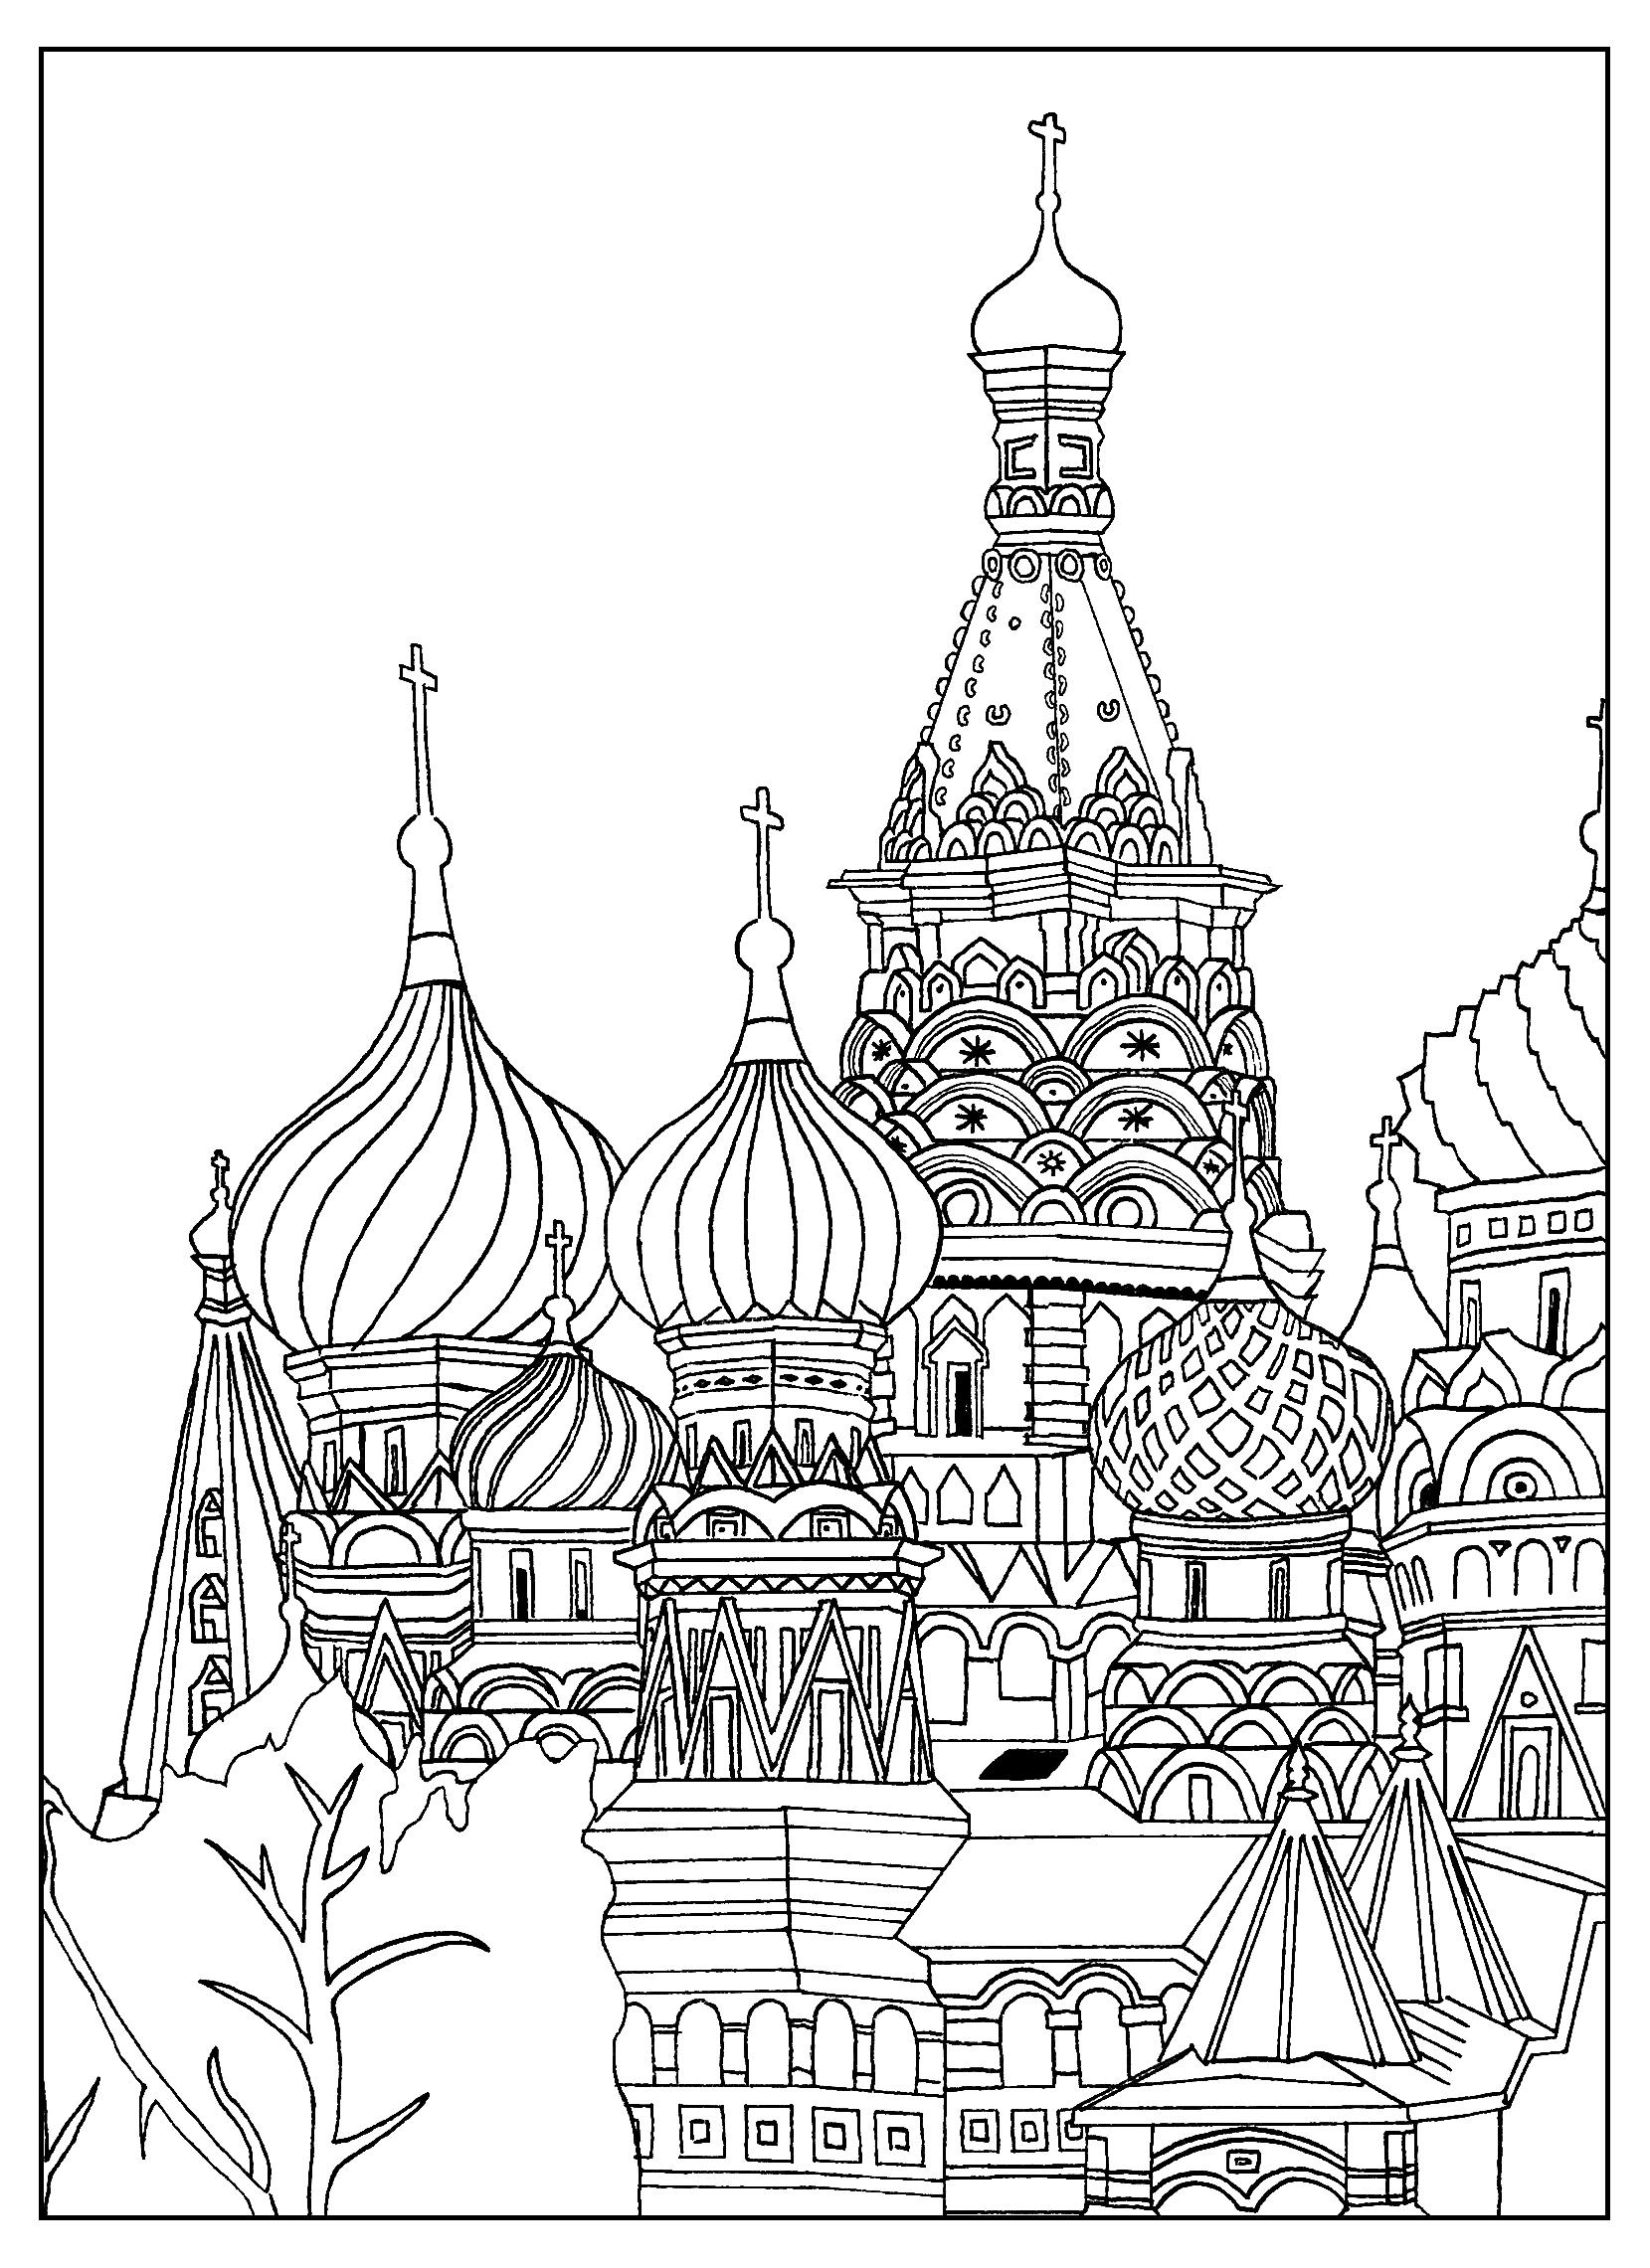 Disegni da colorare per adulti : Architettura & casa - 40